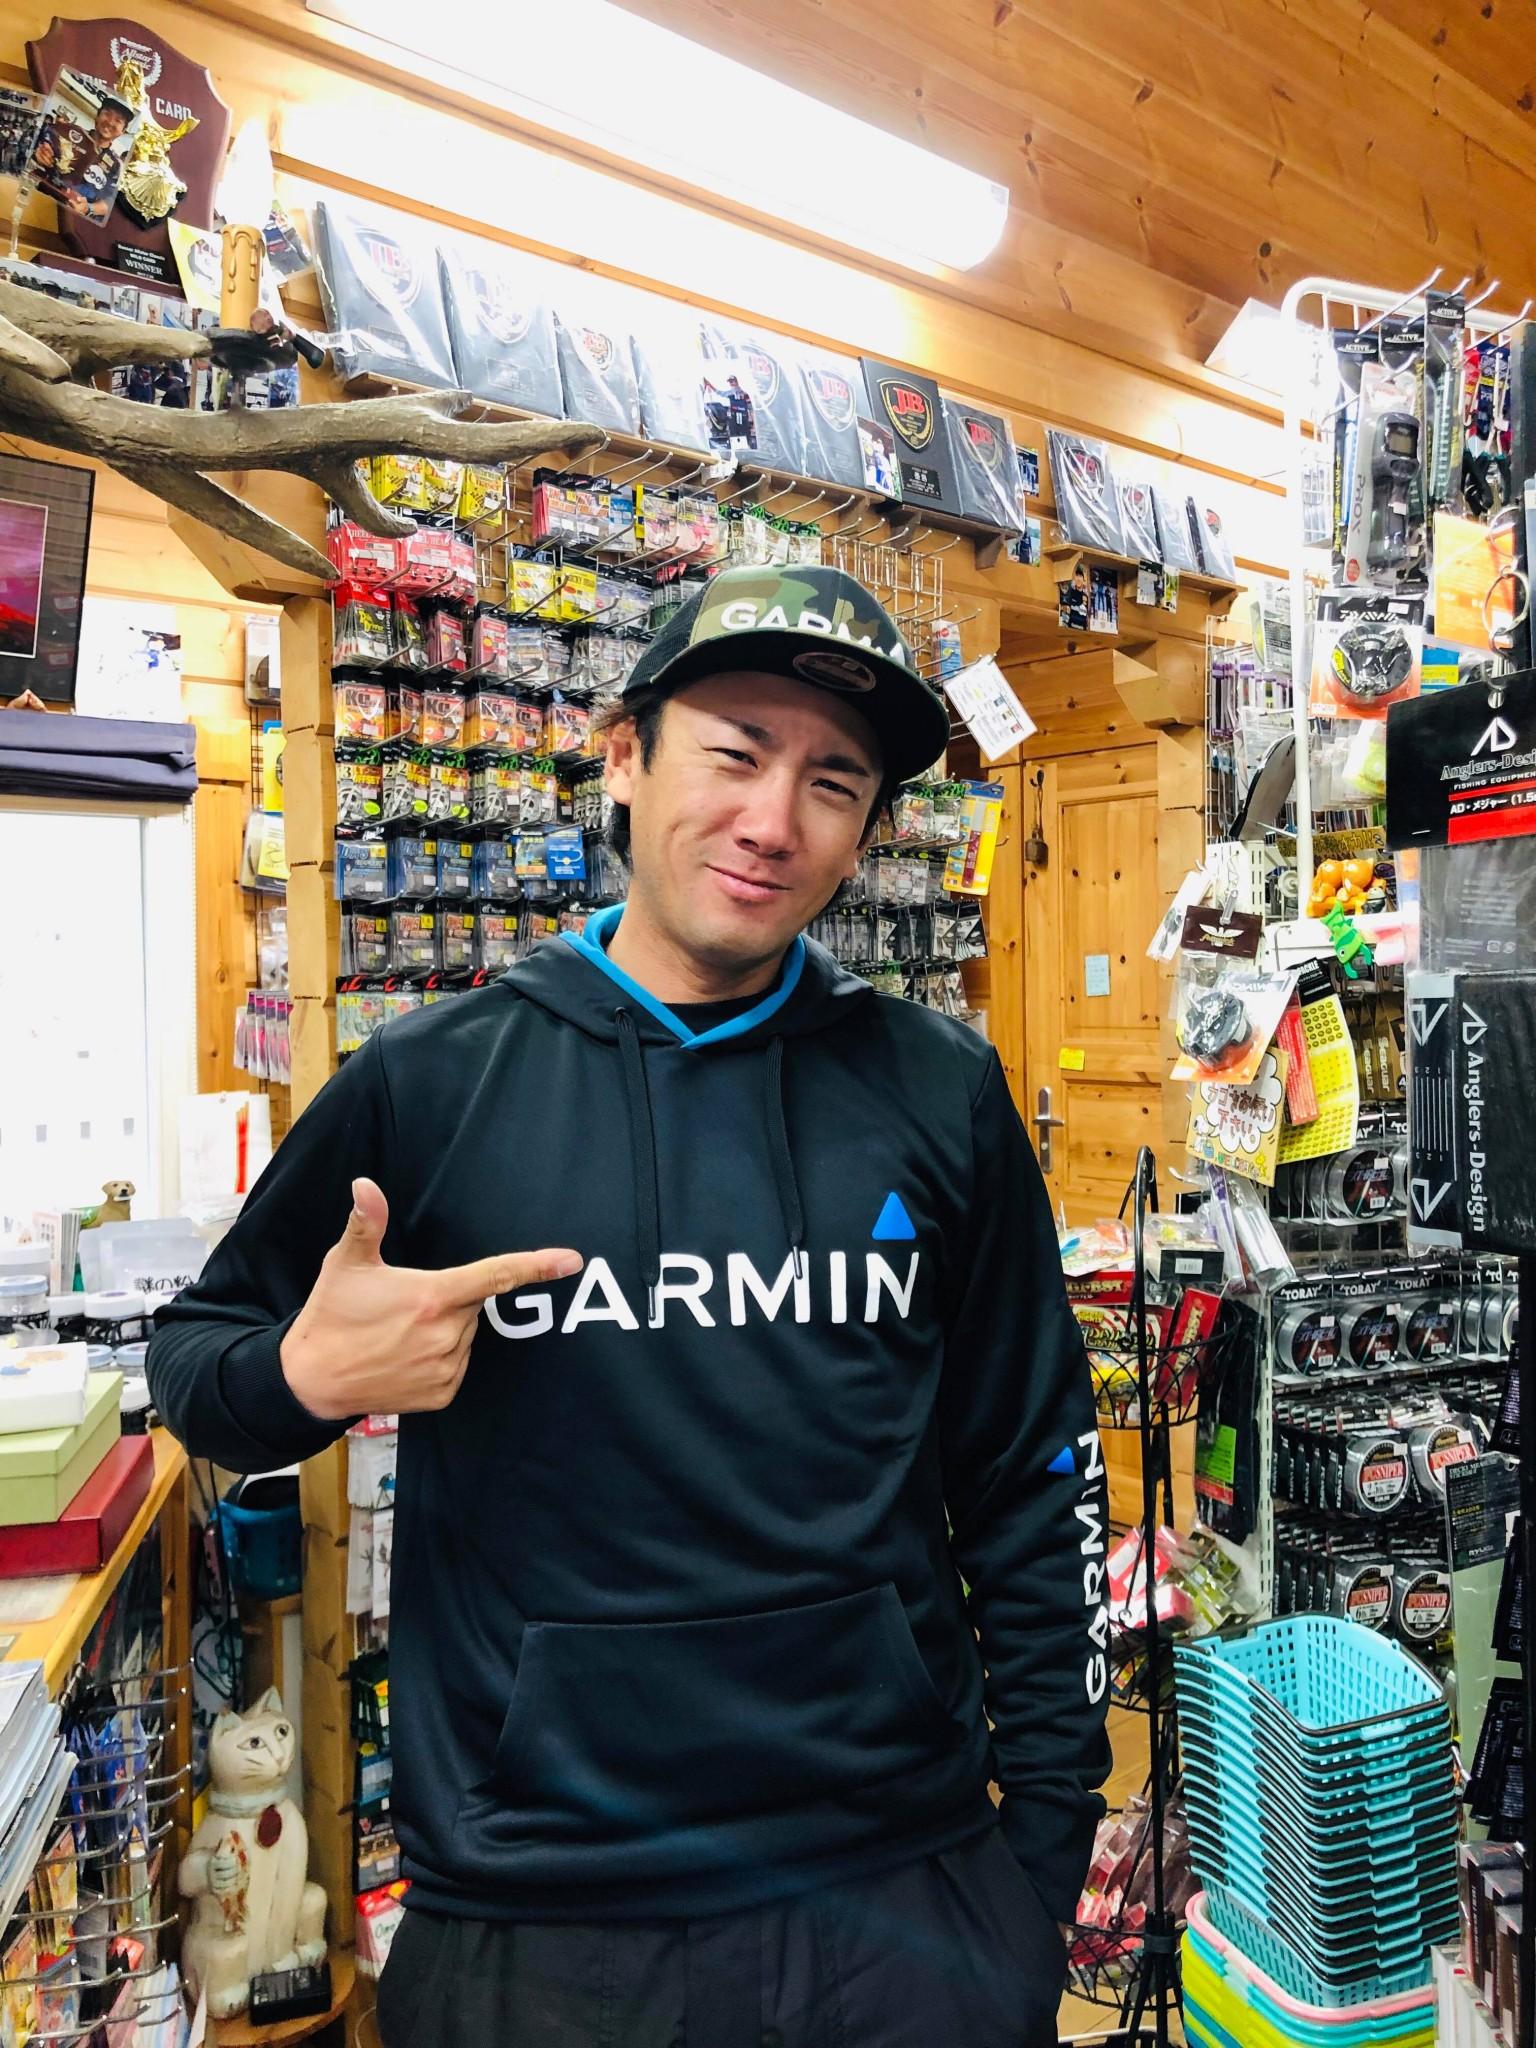 青木大介プロをConnected GARMIN がサポートさせて頂くことになりました。